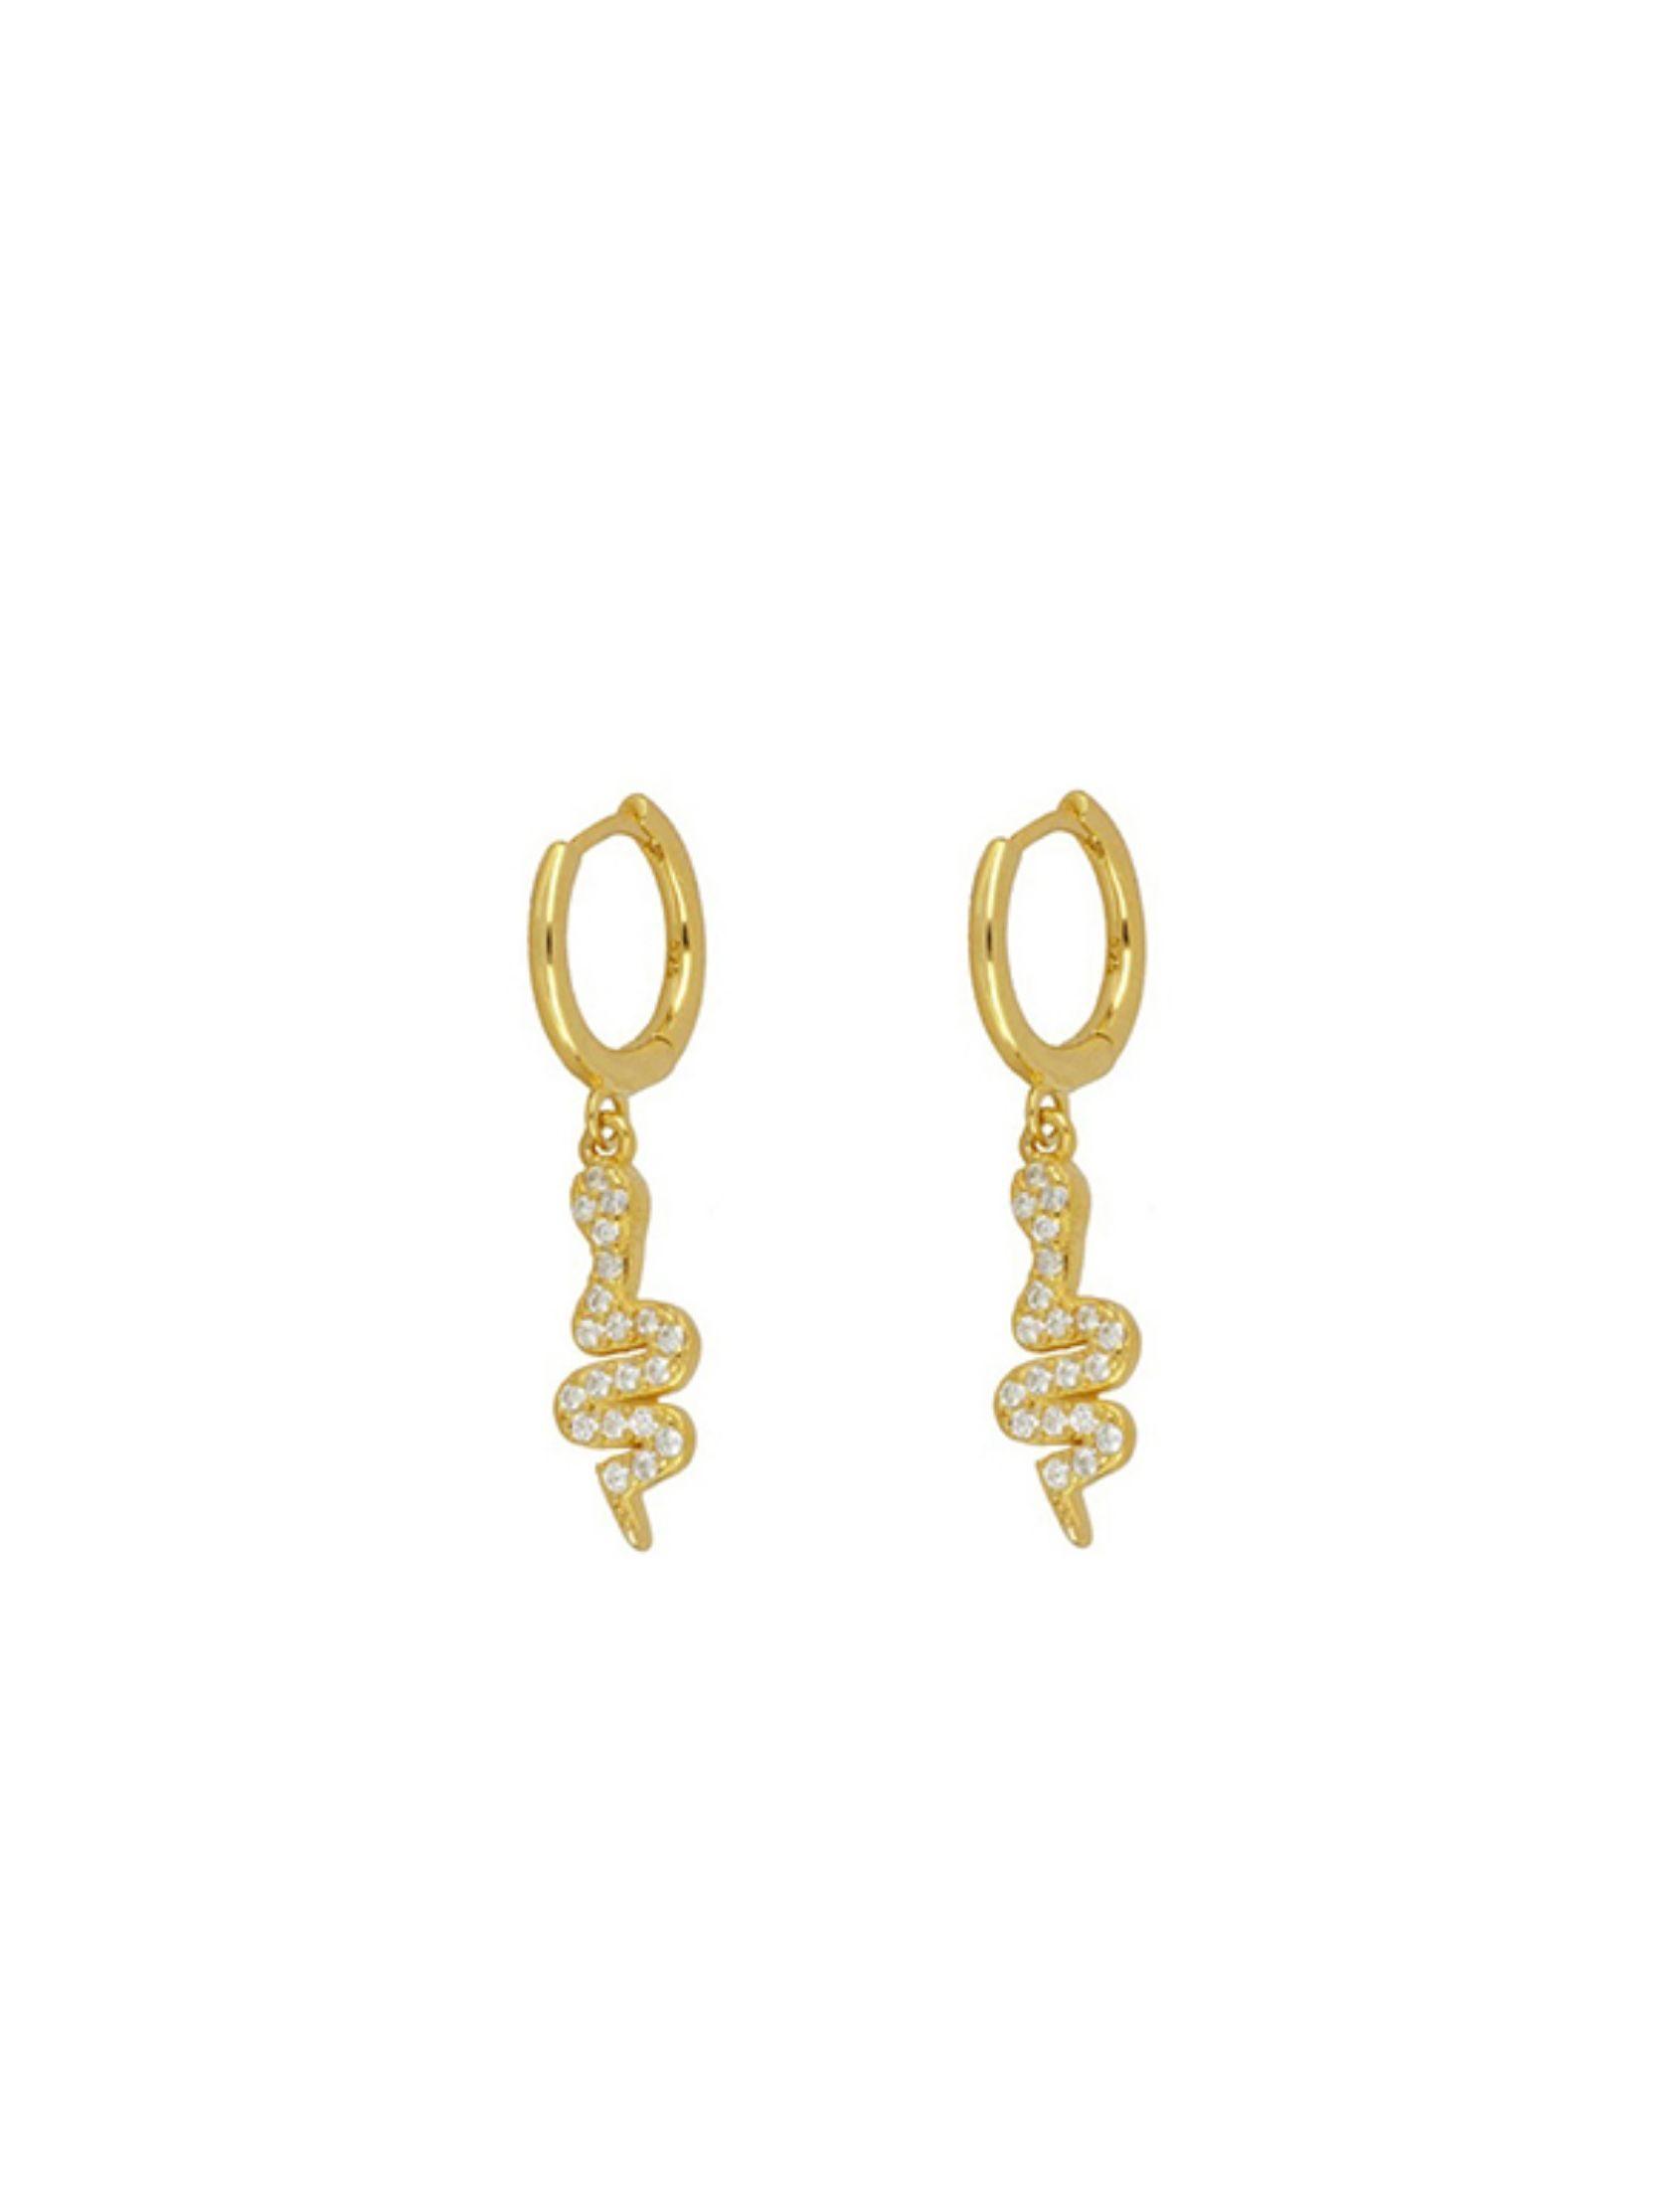 pendientes aro shiny snake con charm de serpiente en oro y circonitas blancas